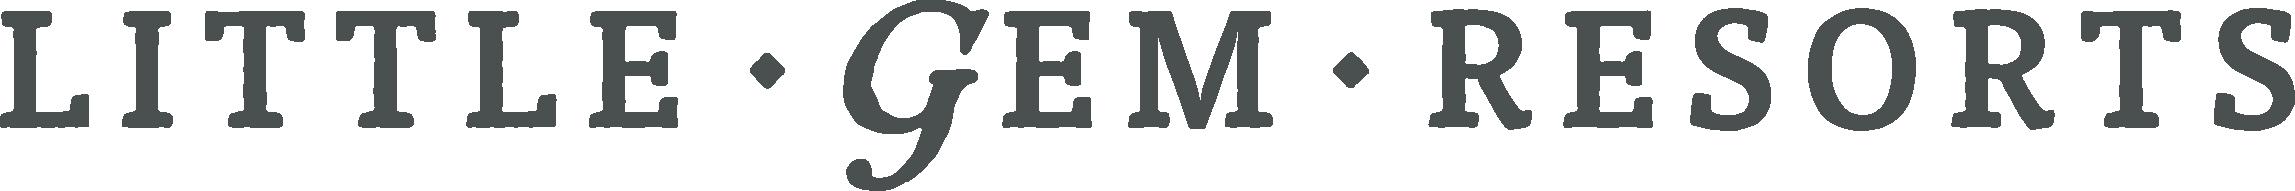 Logo for Little Gem Resorts